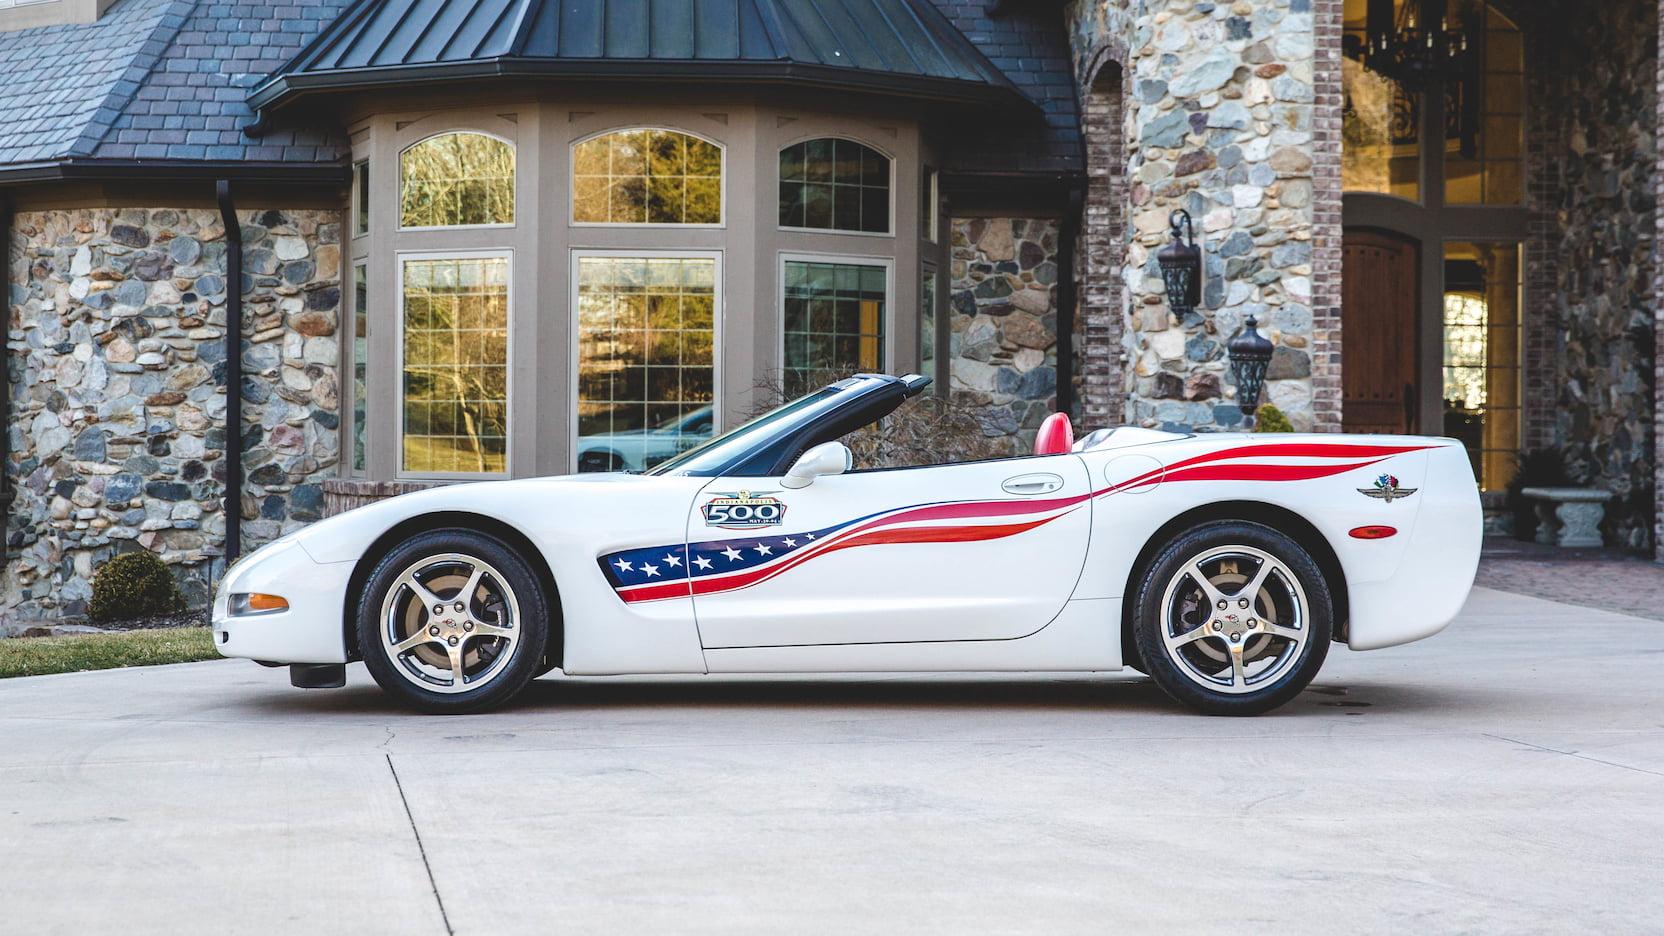 2004 Chevrolet Corvette Pace Car Version 2